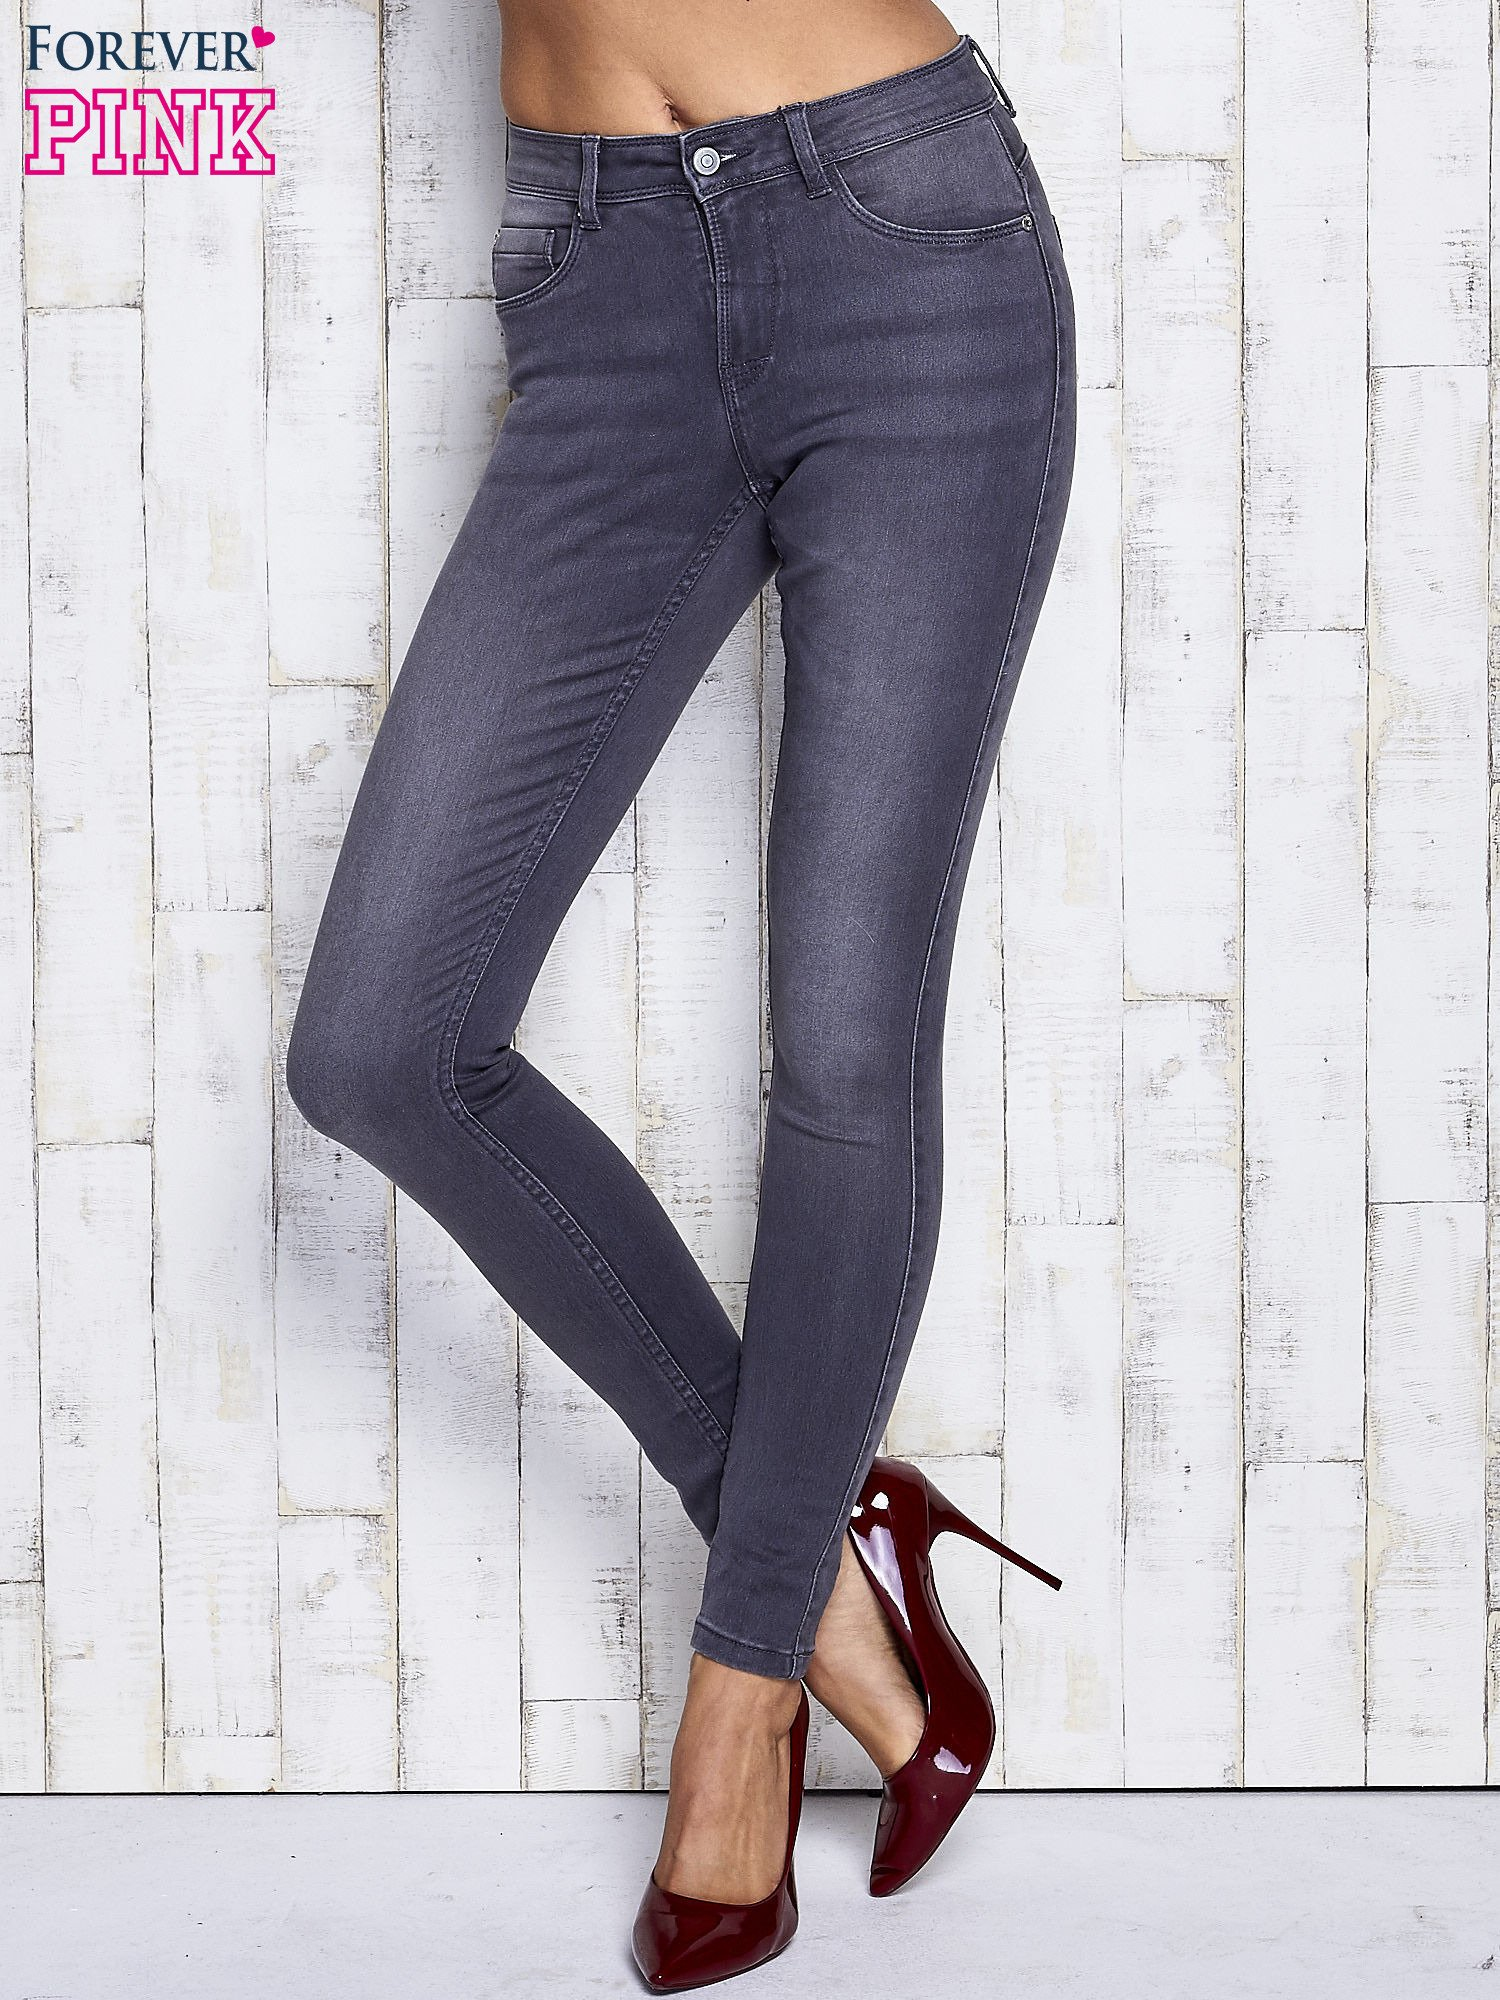 Szare dopasowane spodnie jeansowe                                   zdj.                                  1